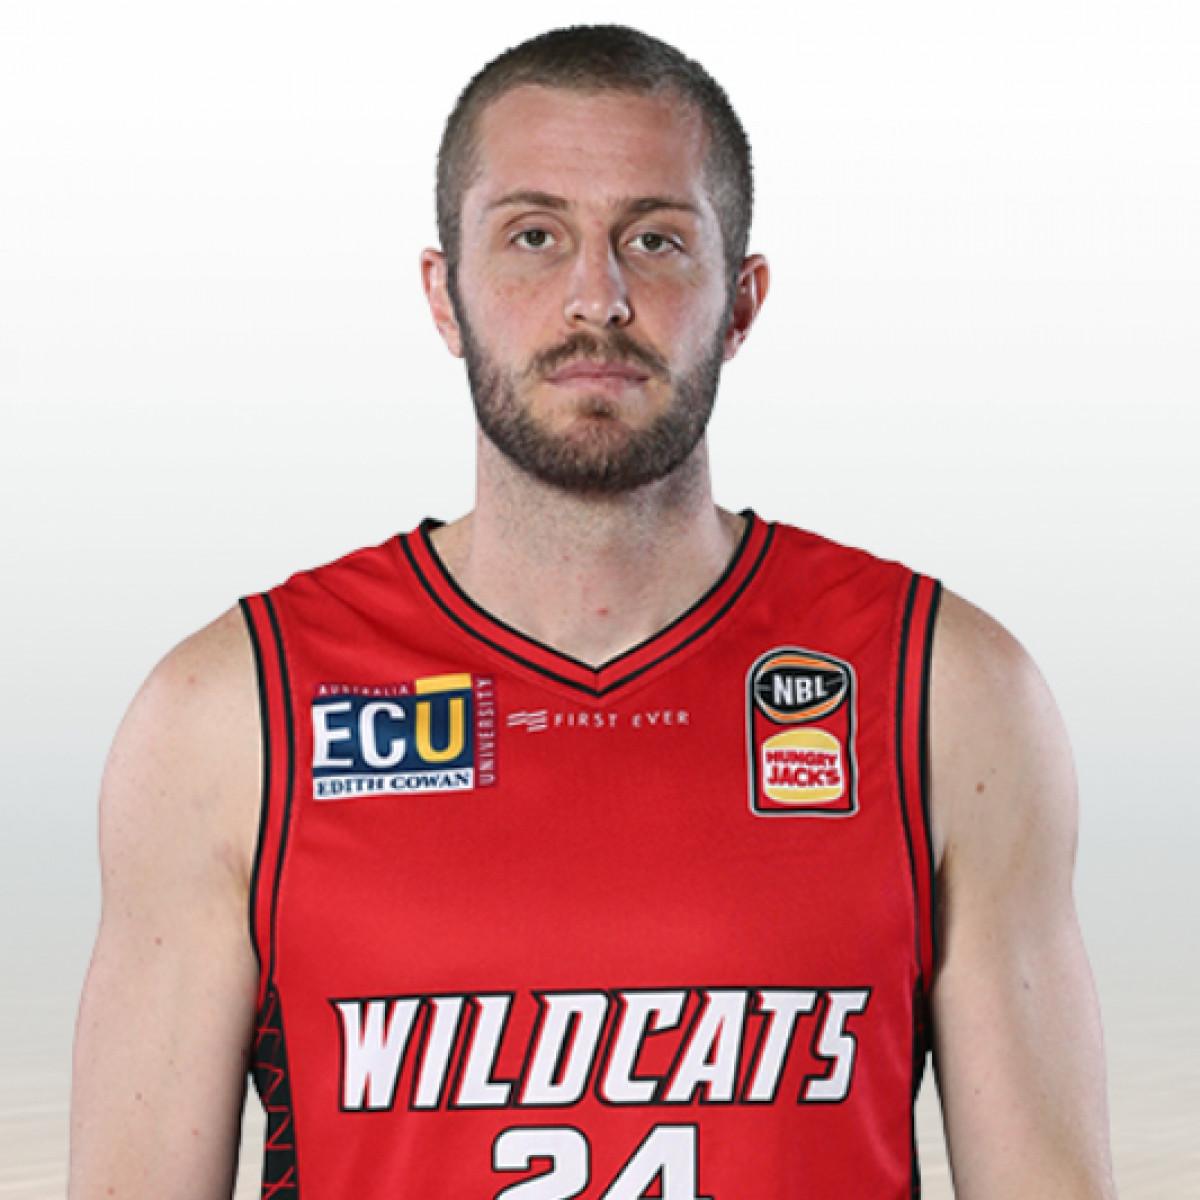 Photo of Jesse Wagstaff, 2019-2020 season